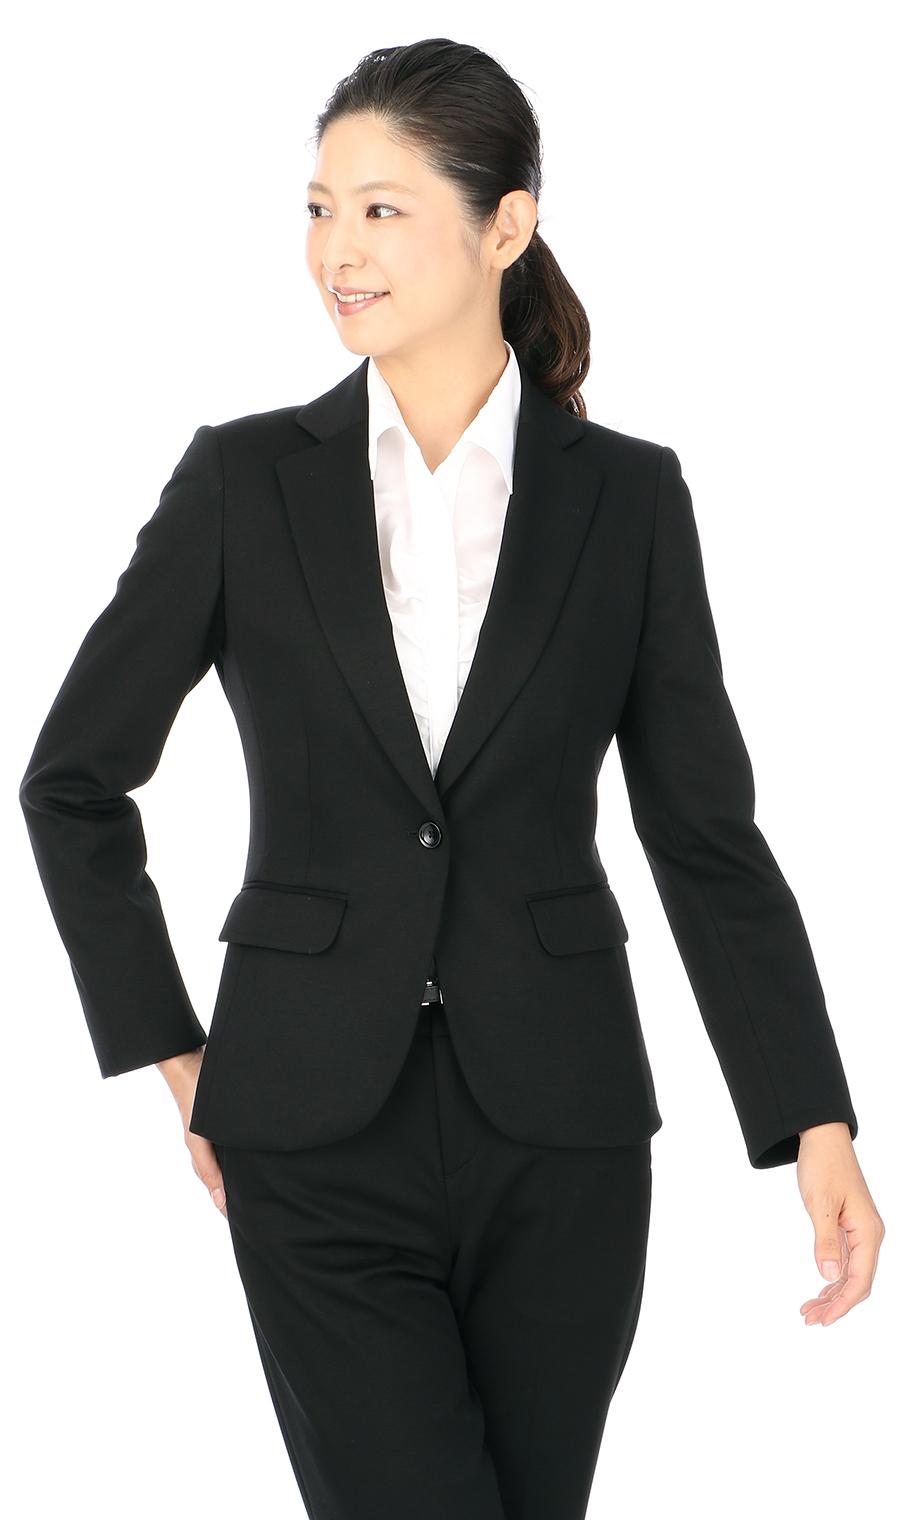 宁乡职业西装定做,业务员西服定制,专业量身订做西装厂家